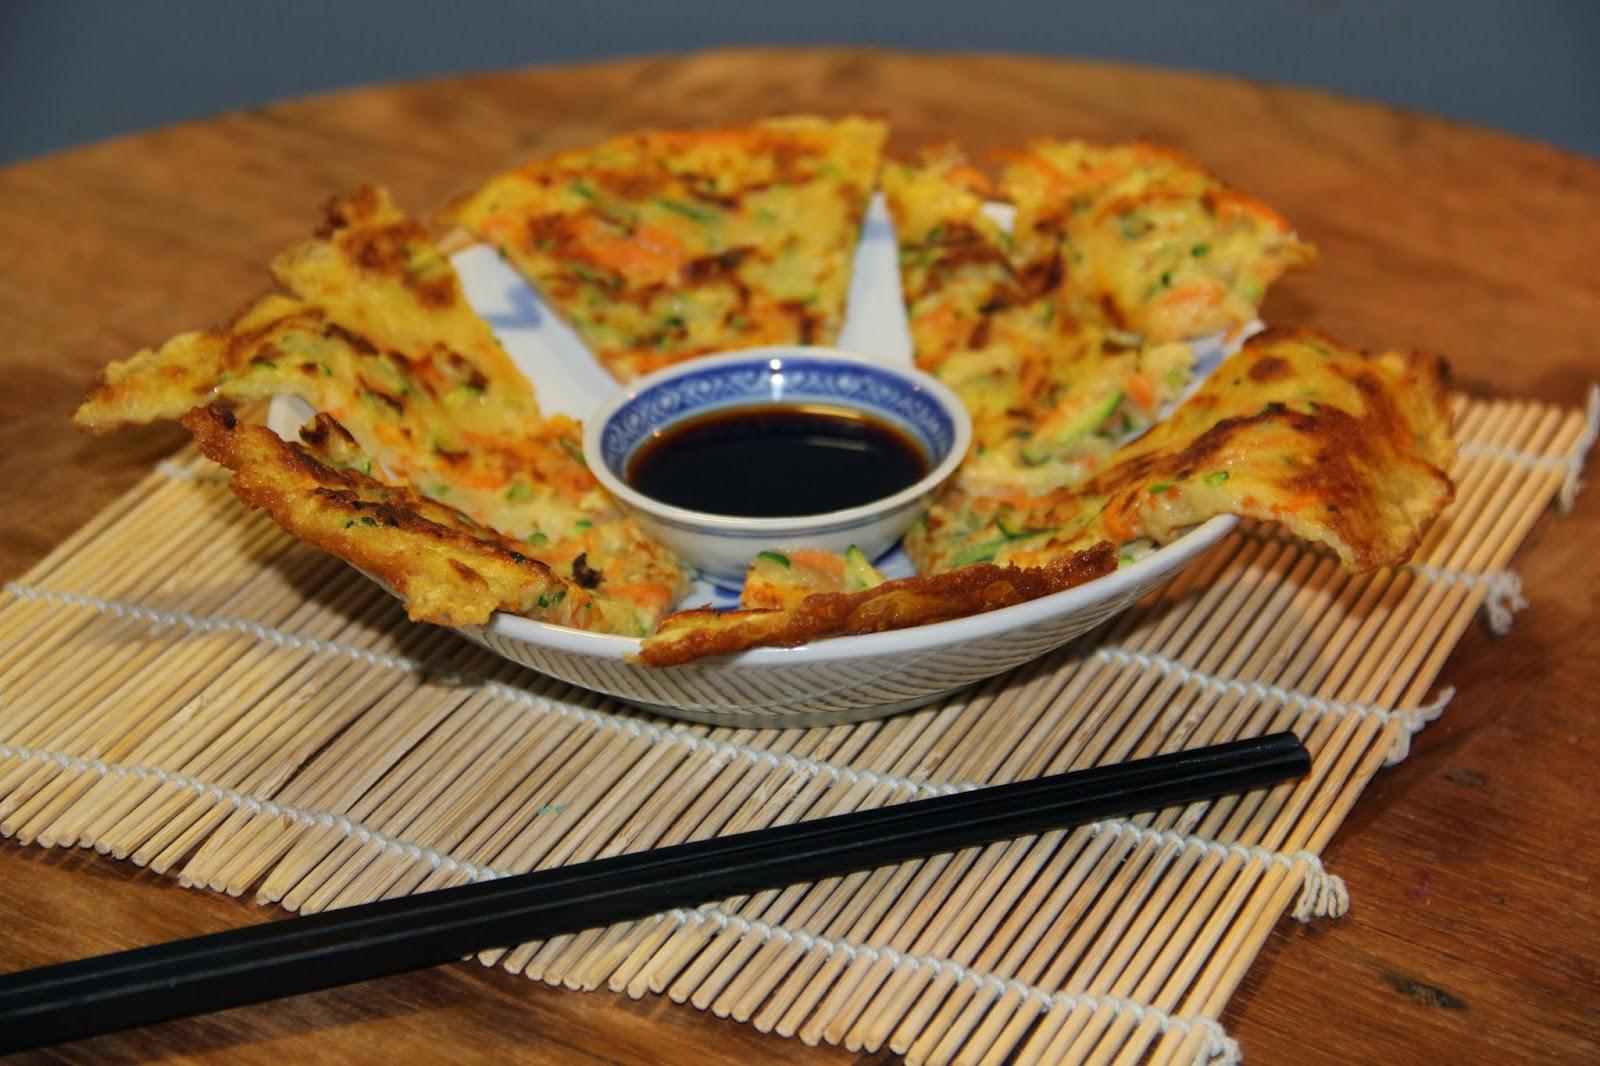 Koreaanse courgette pannenkoeken - www.desmaakvancecile.com